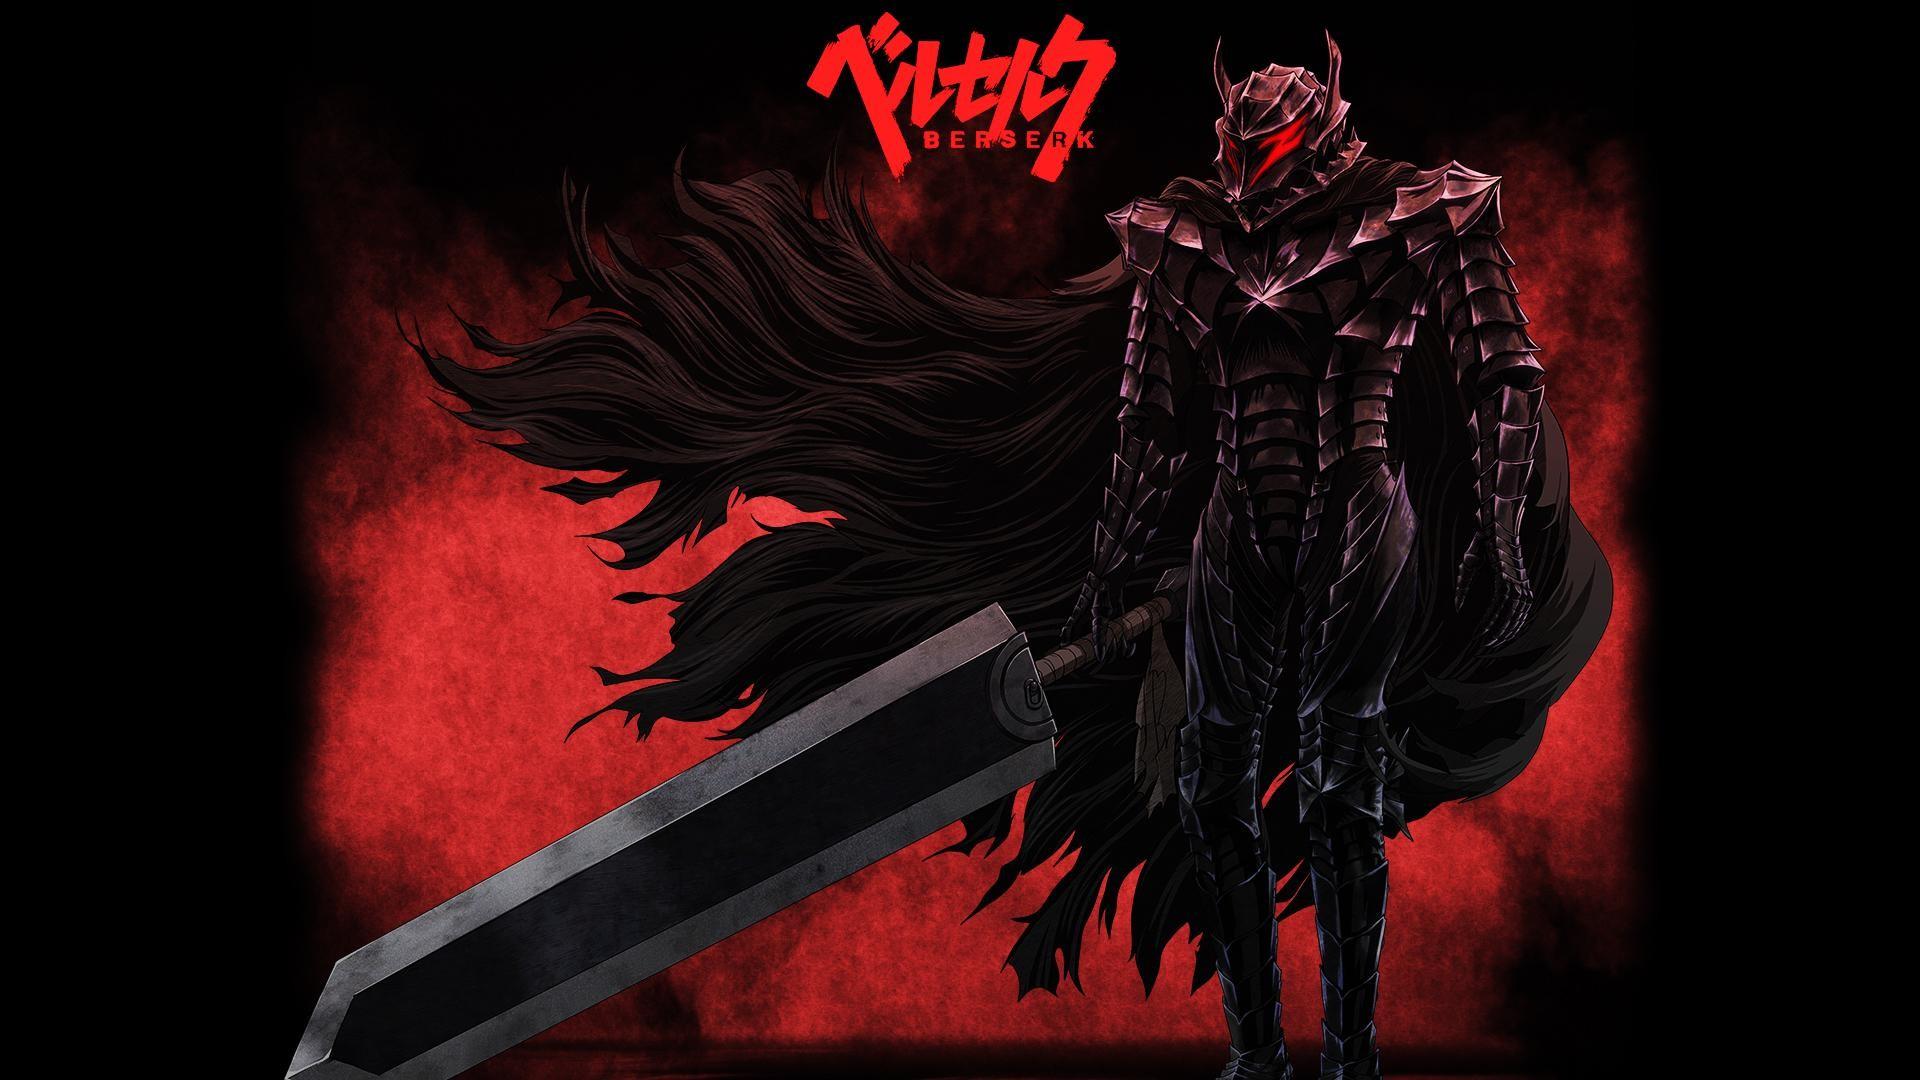 Fond D'écran : Illustration, Anime, Rouge, épée, Fou